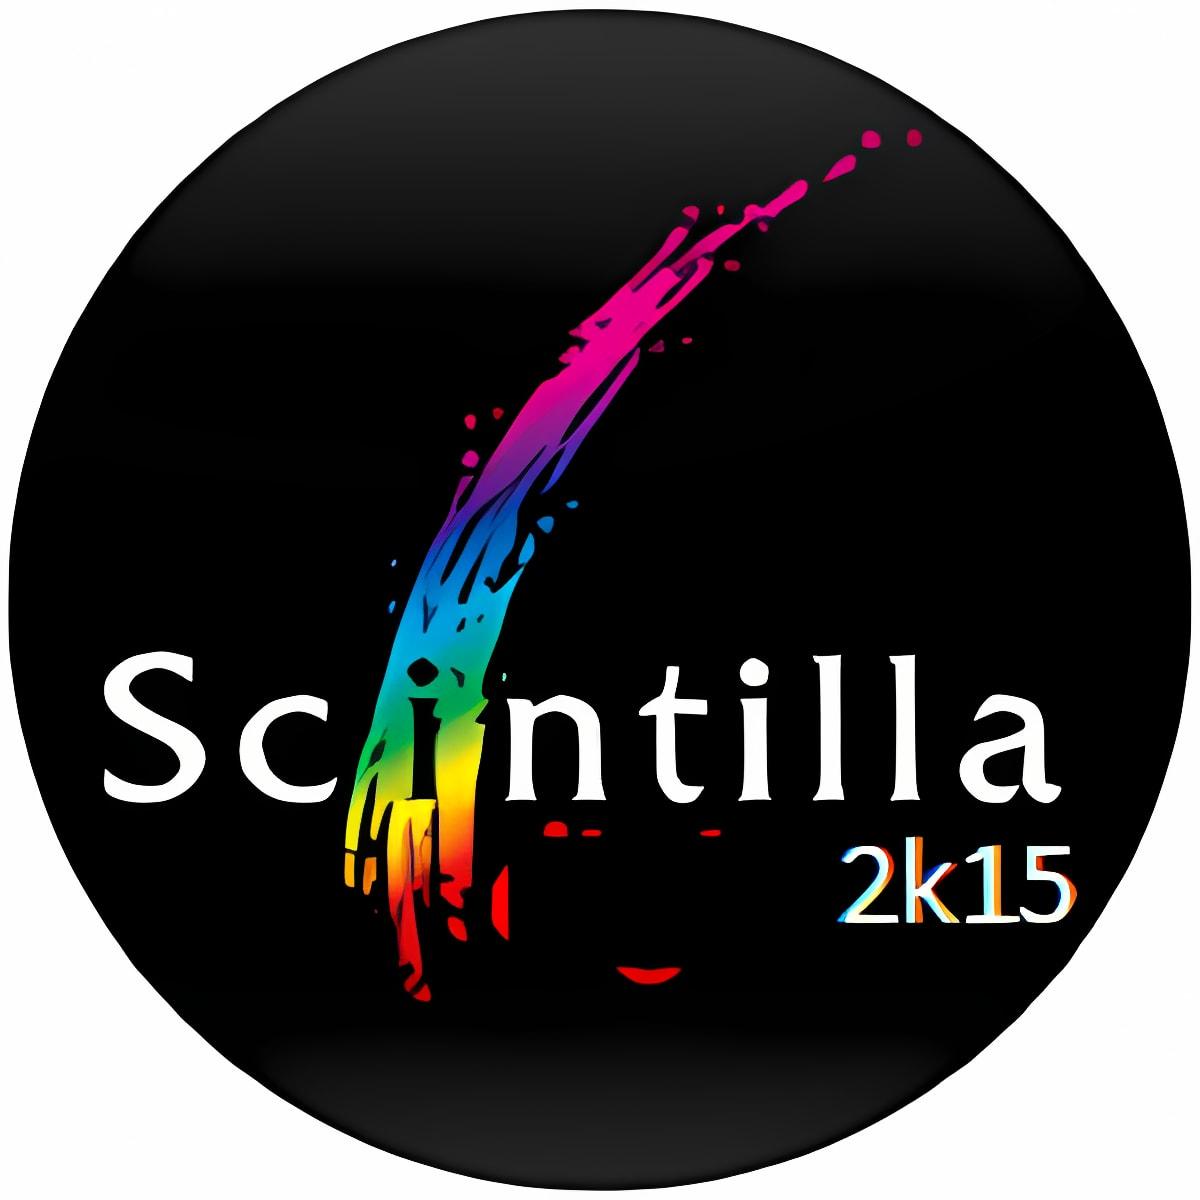 Scintilla2k15